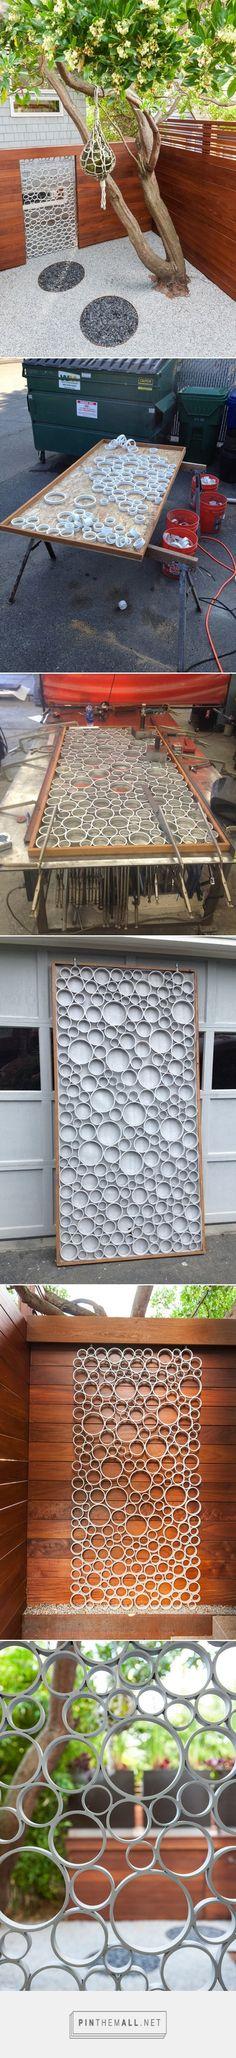 DIY ιδέες από PVC σωλήνες8